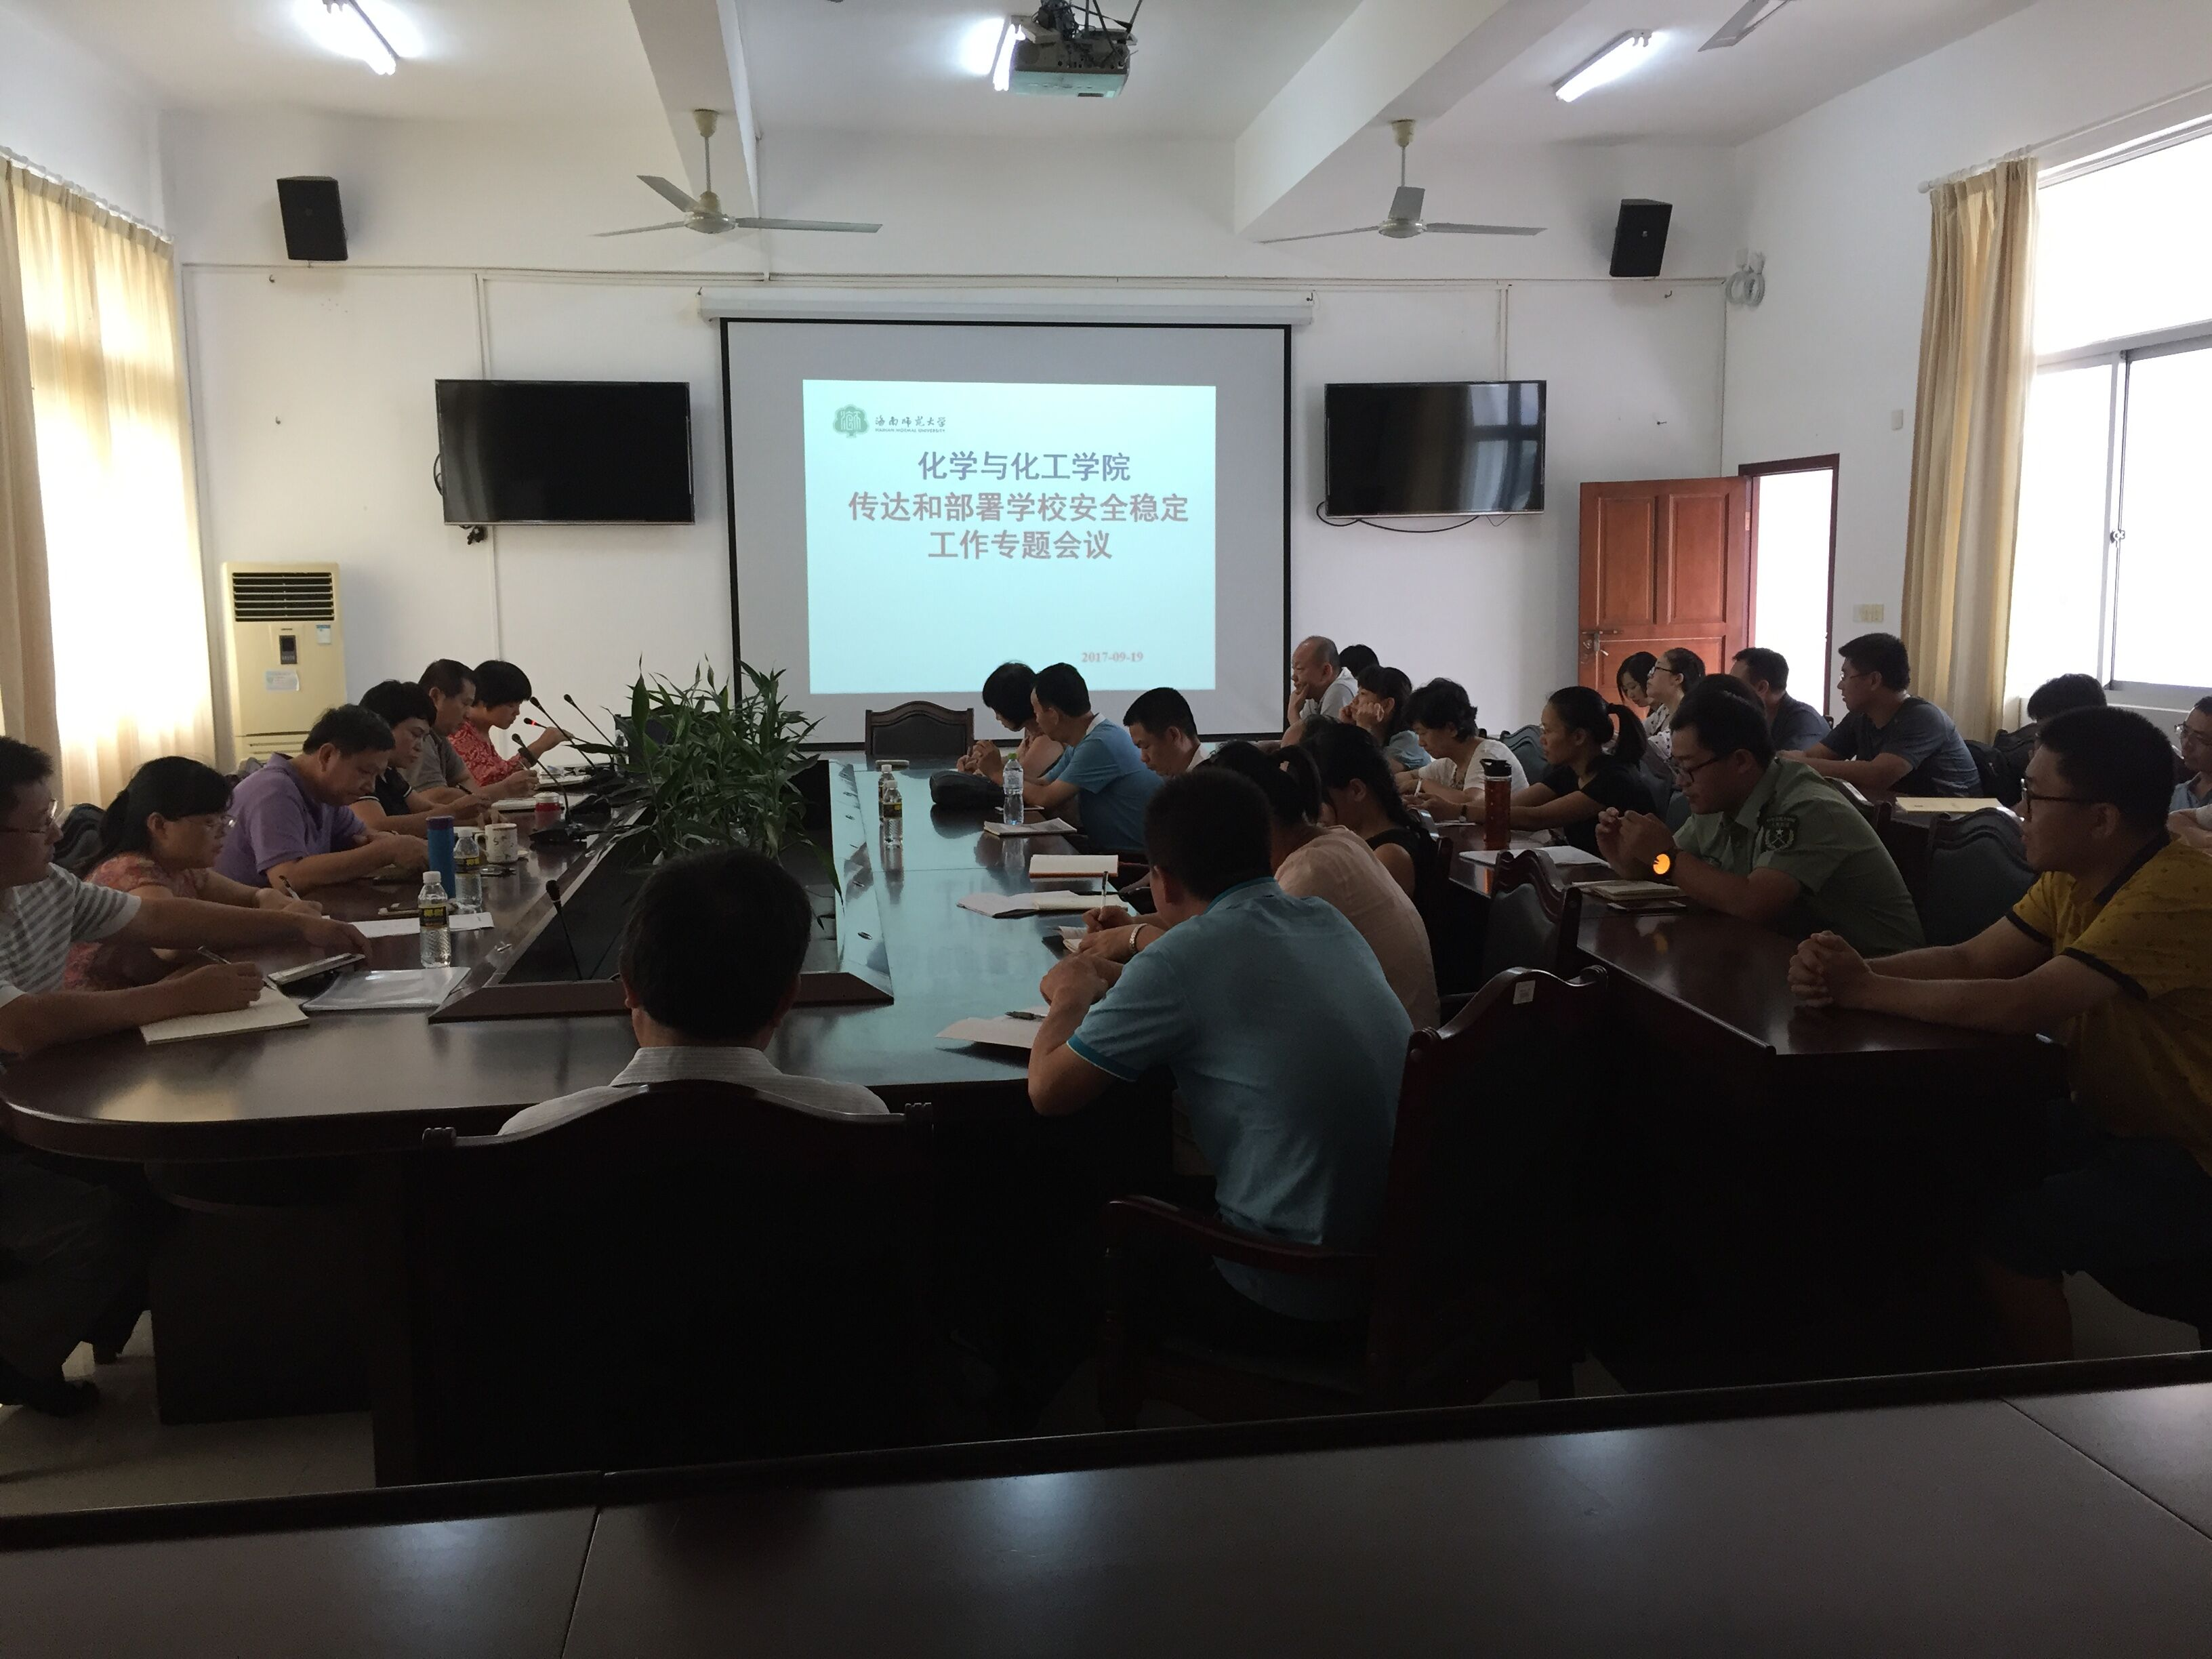 化学与化工学院召开专题会议传达落实学校安全稳定工作会议精神